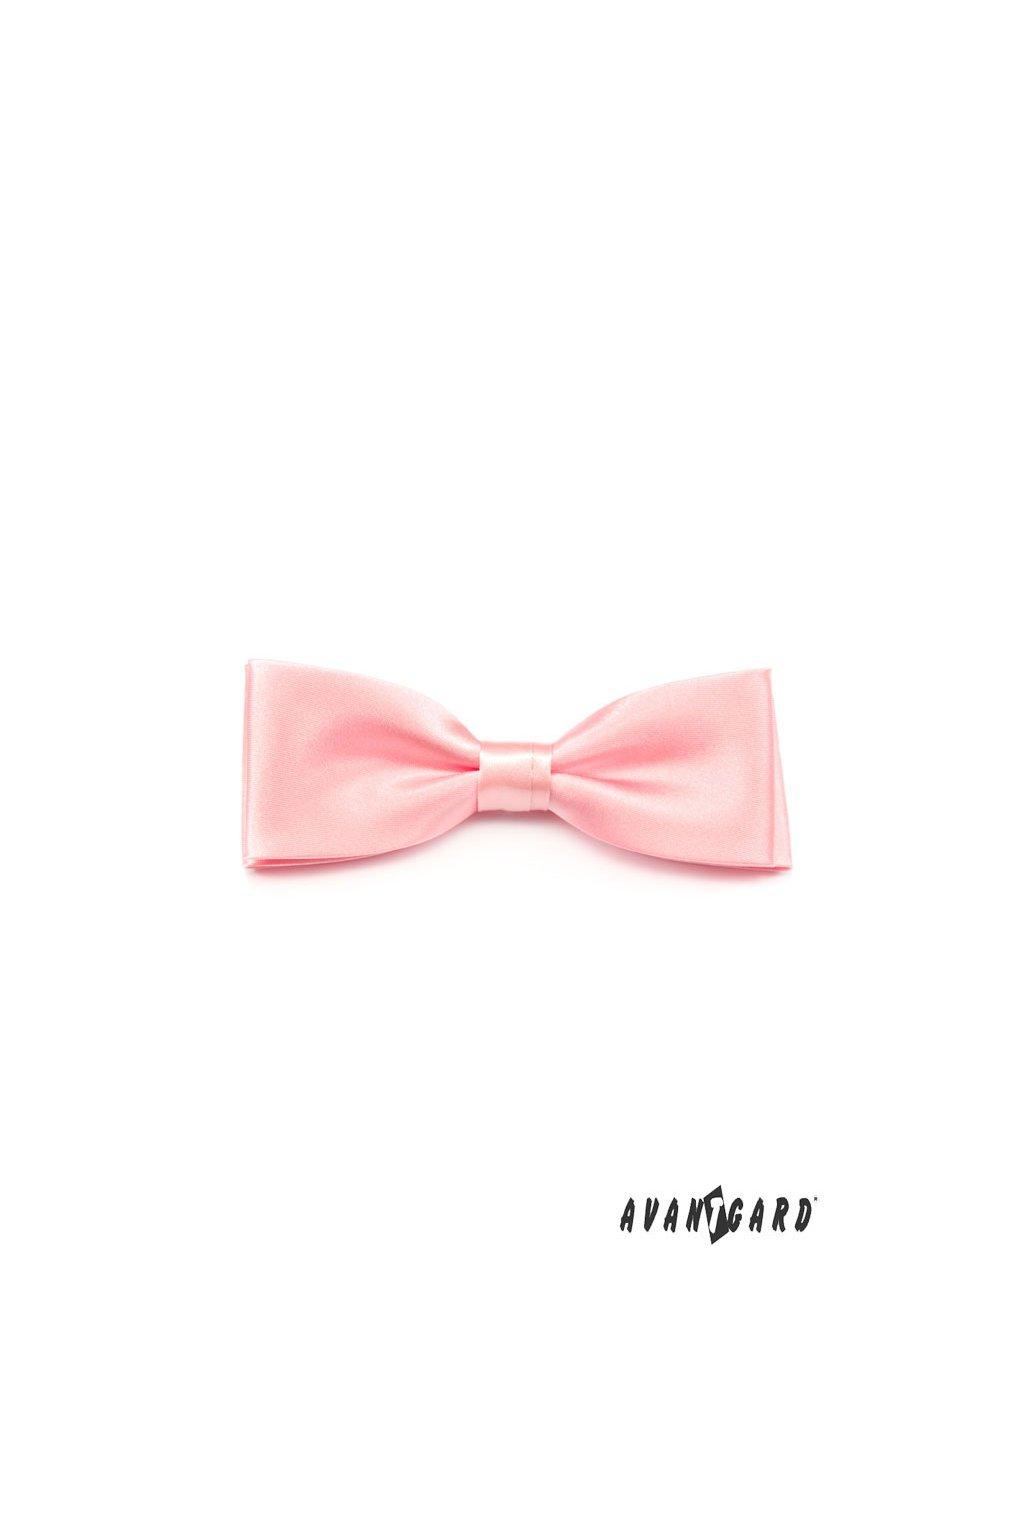 Motýlek s kapesníčkem růžová 575 - 9011